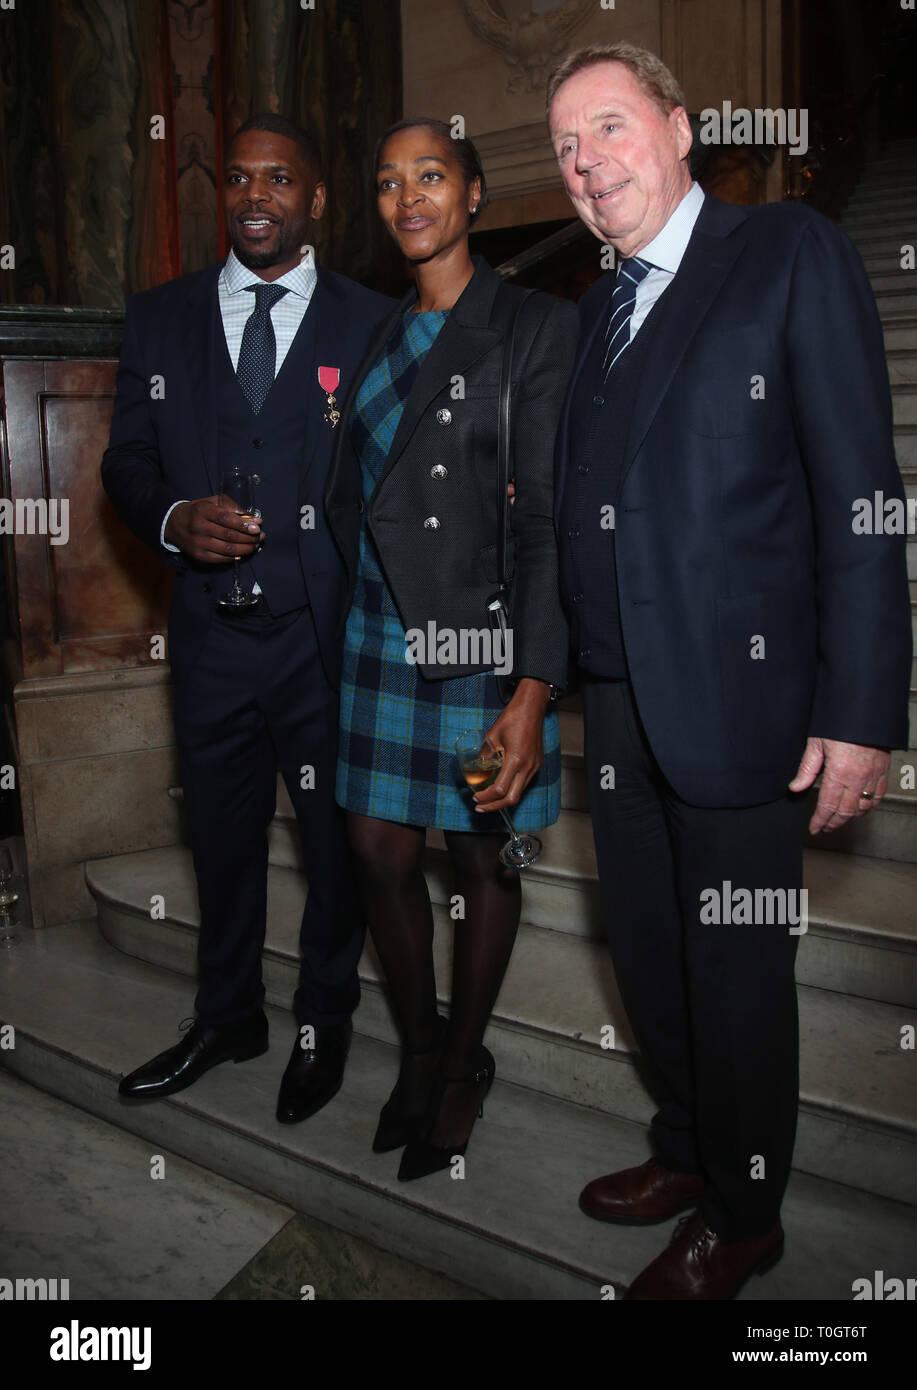 El Dr. Mark Prince OBE (izquierda) con su esposa, y Harry Redknapp Daszine, durante una fiesta en su honor organizada por la City of London Corporation, en el Old Bailey, en Londres. Mark de 15 años de edad, hijo, PRÍNCIPE Kiyan, fue brutalmente apuñalado y asesinado por pacíficamente intentando romper una pelea en el exterior de su escuela el 18 de mayo de 2006. Imagen De Stock